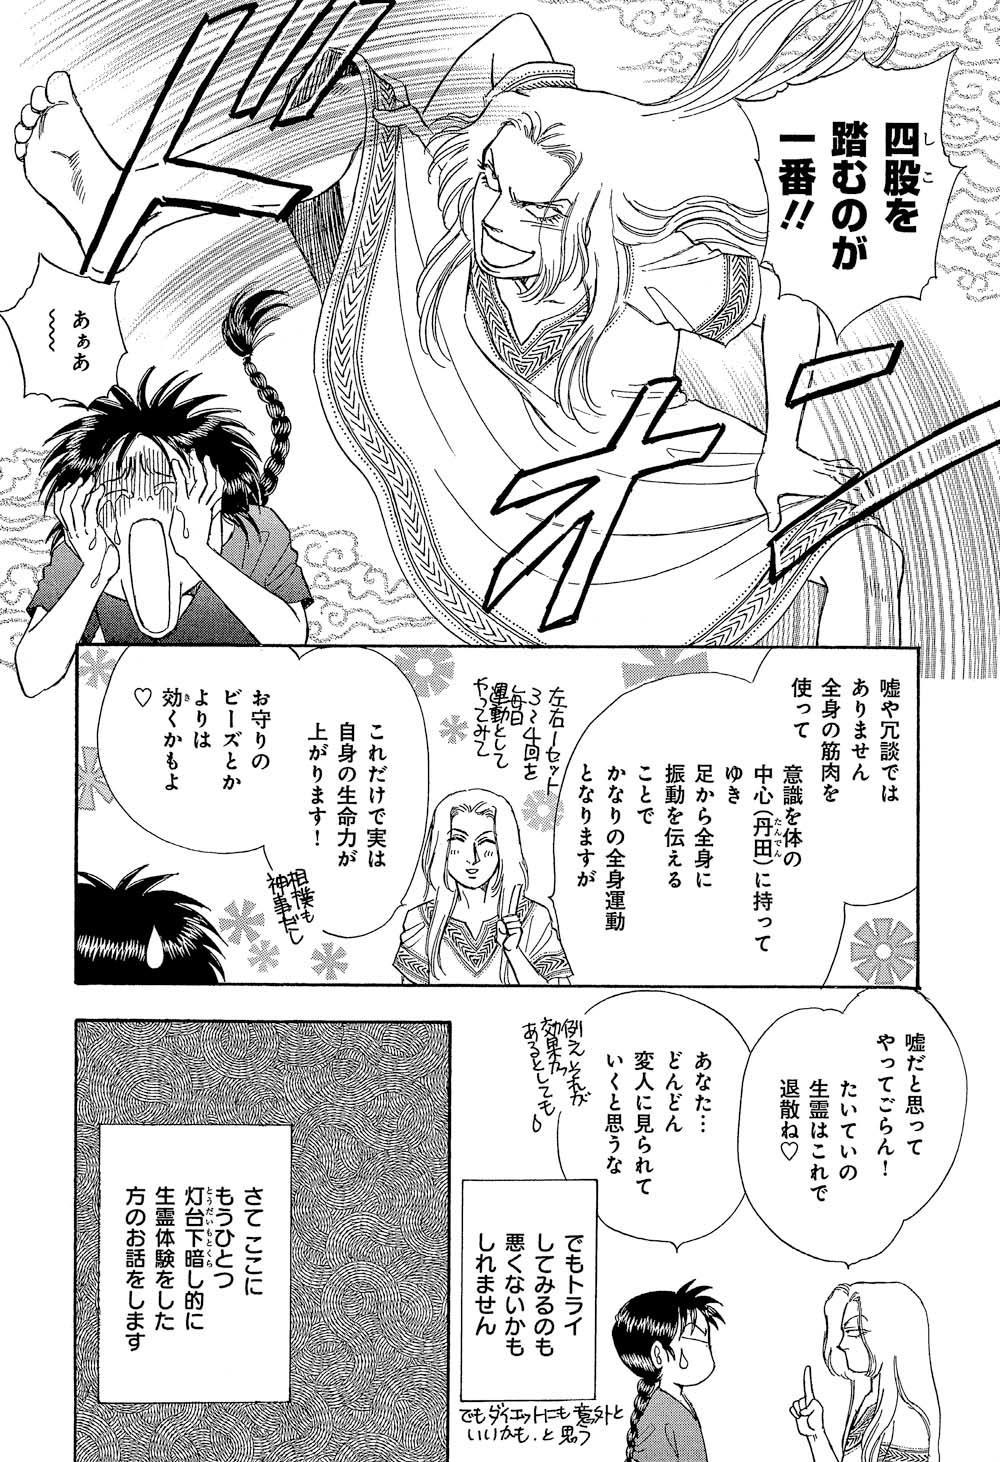 オカルト万華鏡01_096.jpg